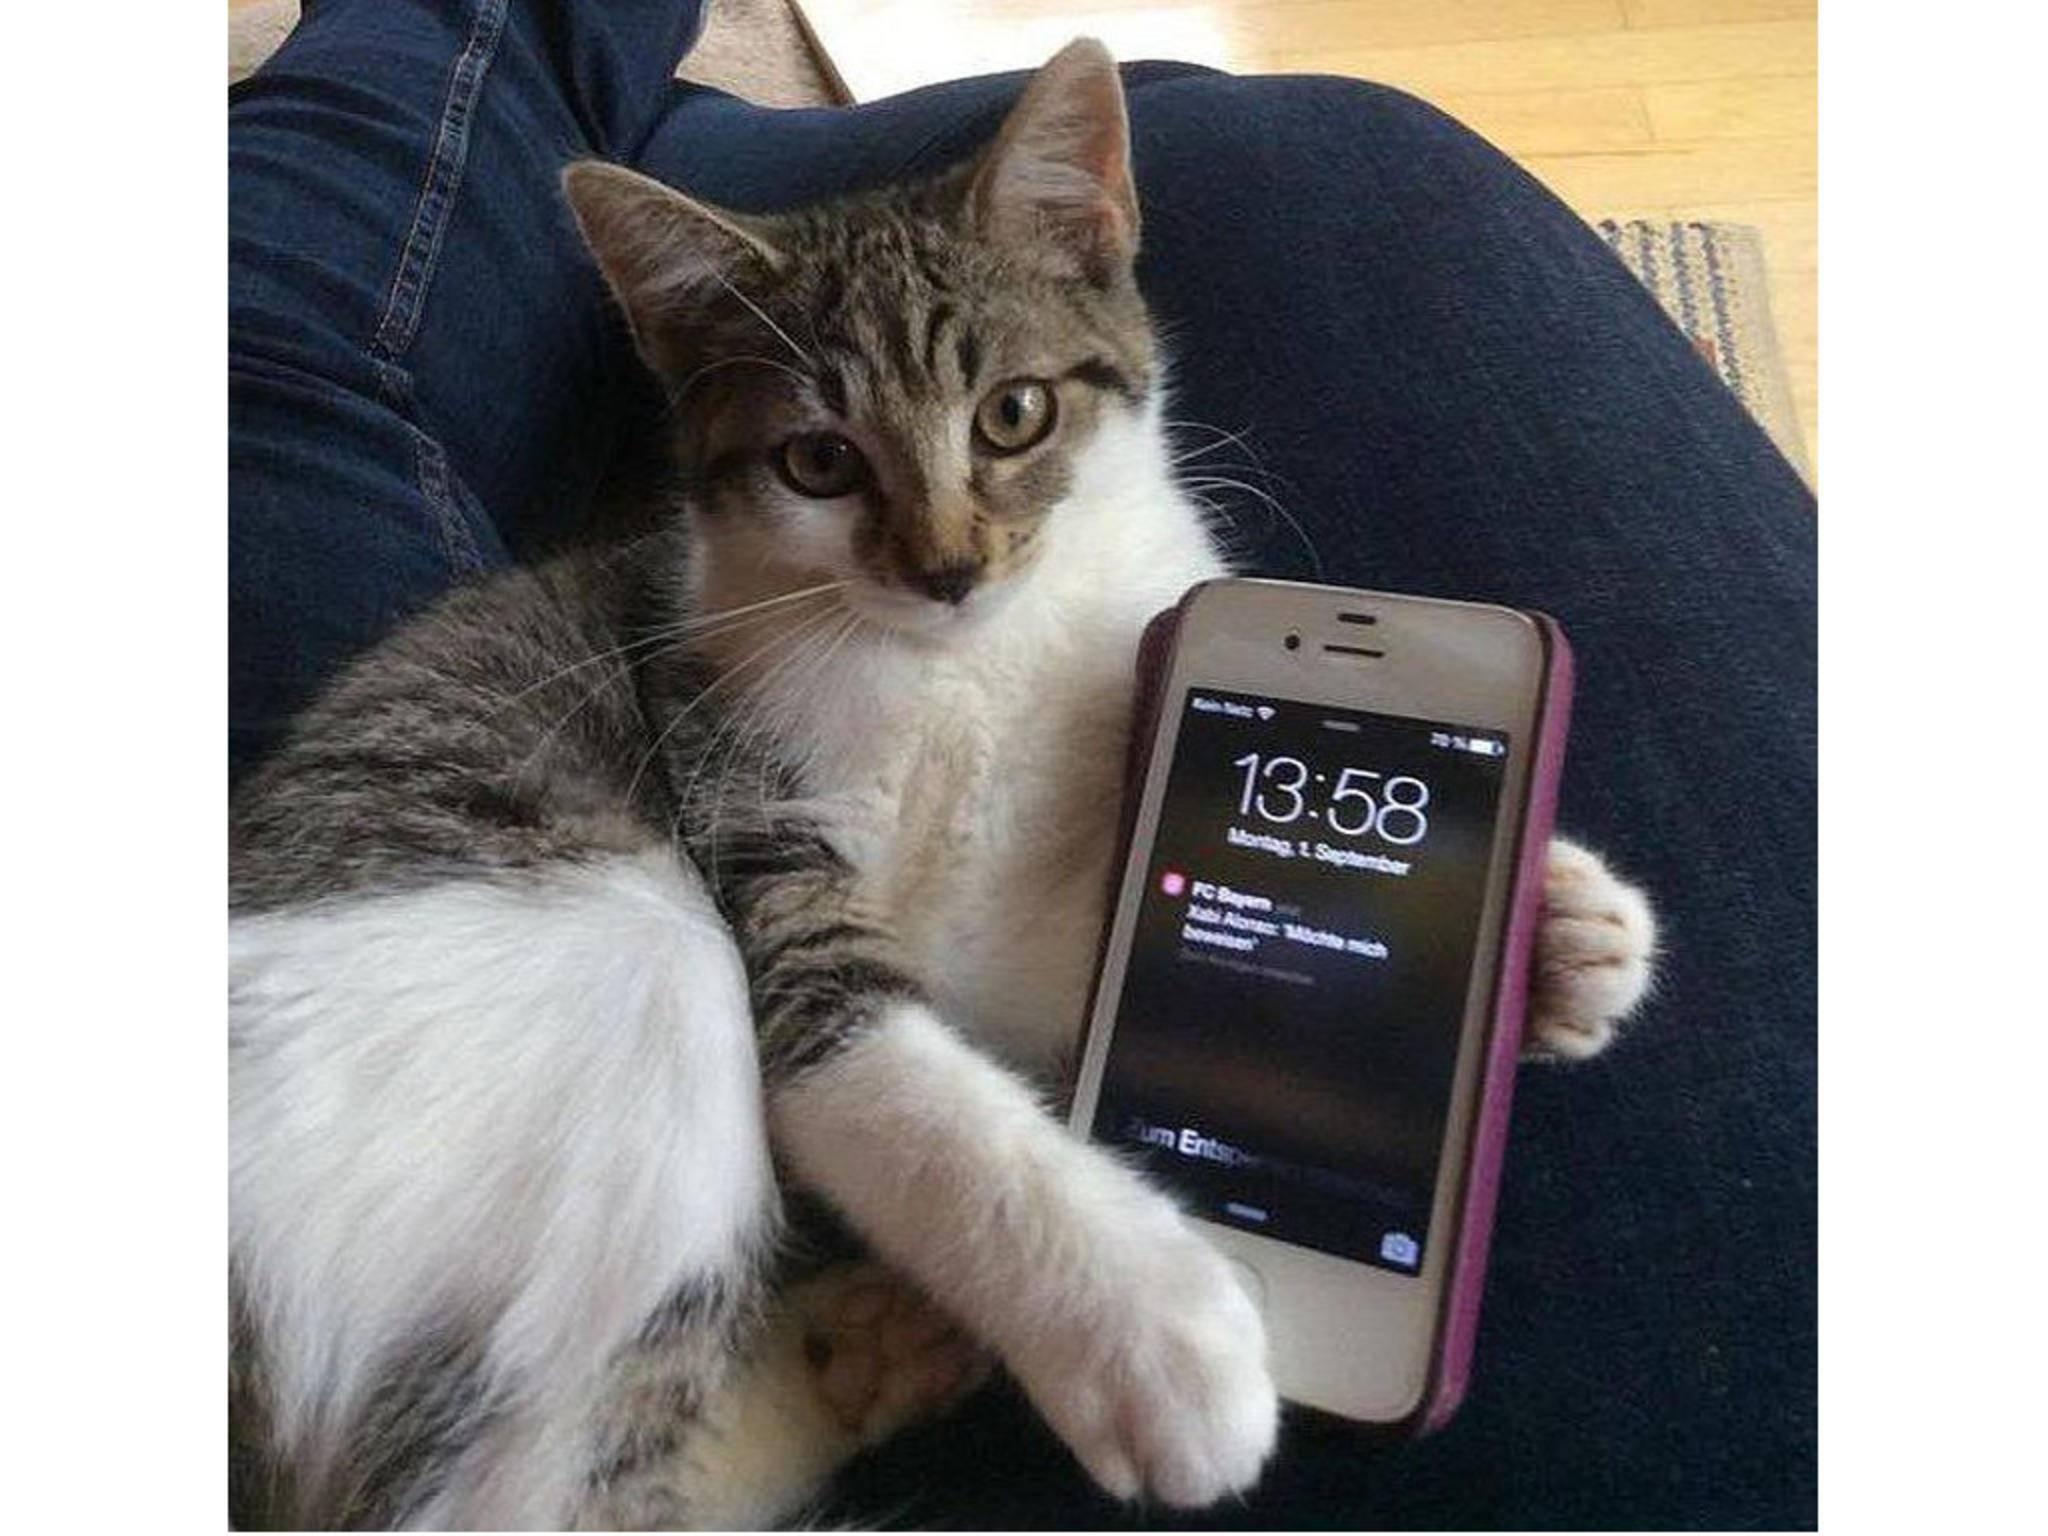 WhatsApp: 71 Ideen für lustige Bilder zum Verschicken